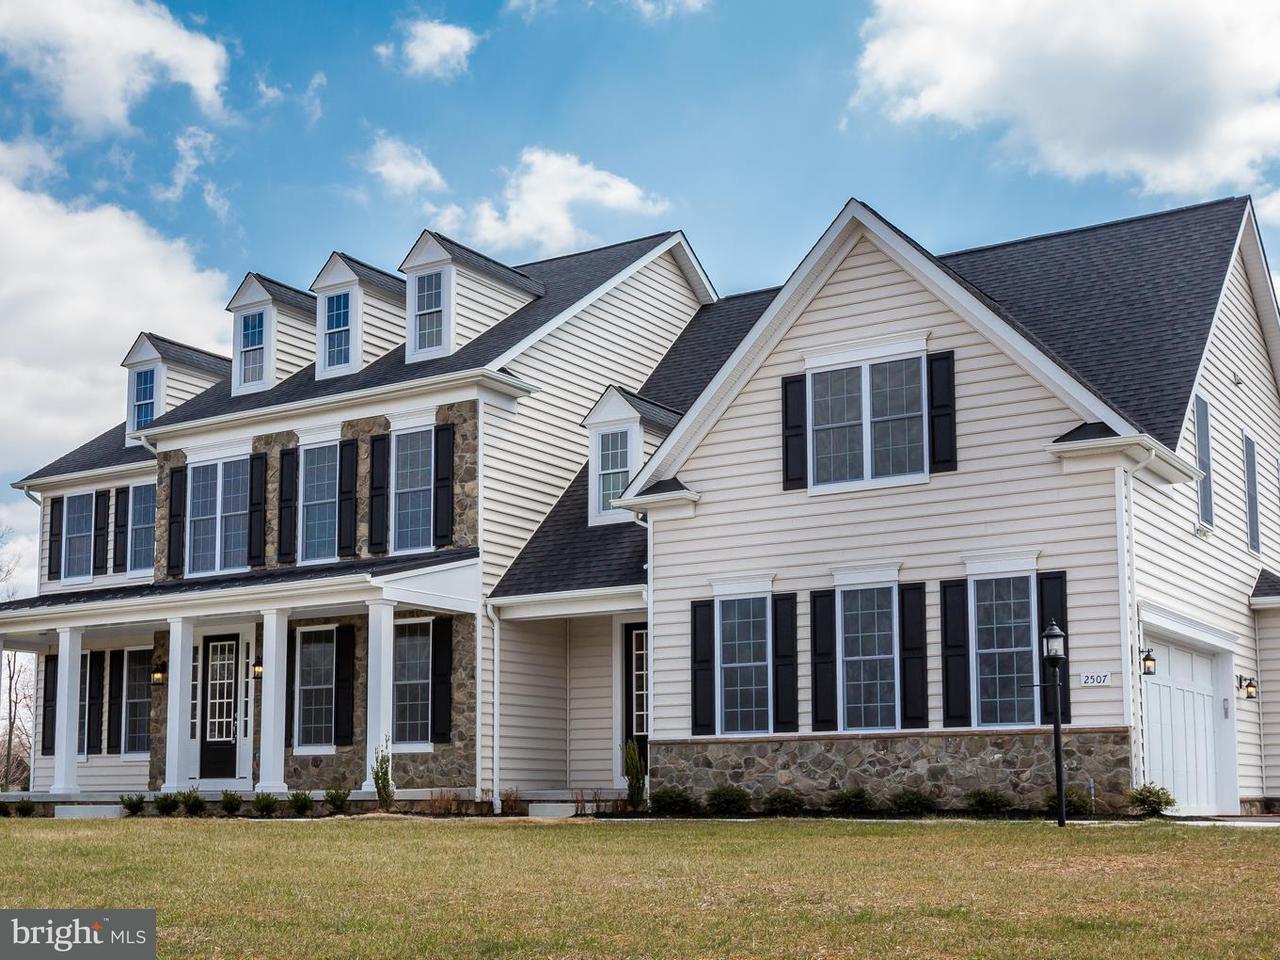 Einfamilienhaus für Verkauf beim 2507 Deer Meadow Court 2507 Deer Meadow Court Reisterstown, Maryland 21136 Vereinigte Staaten